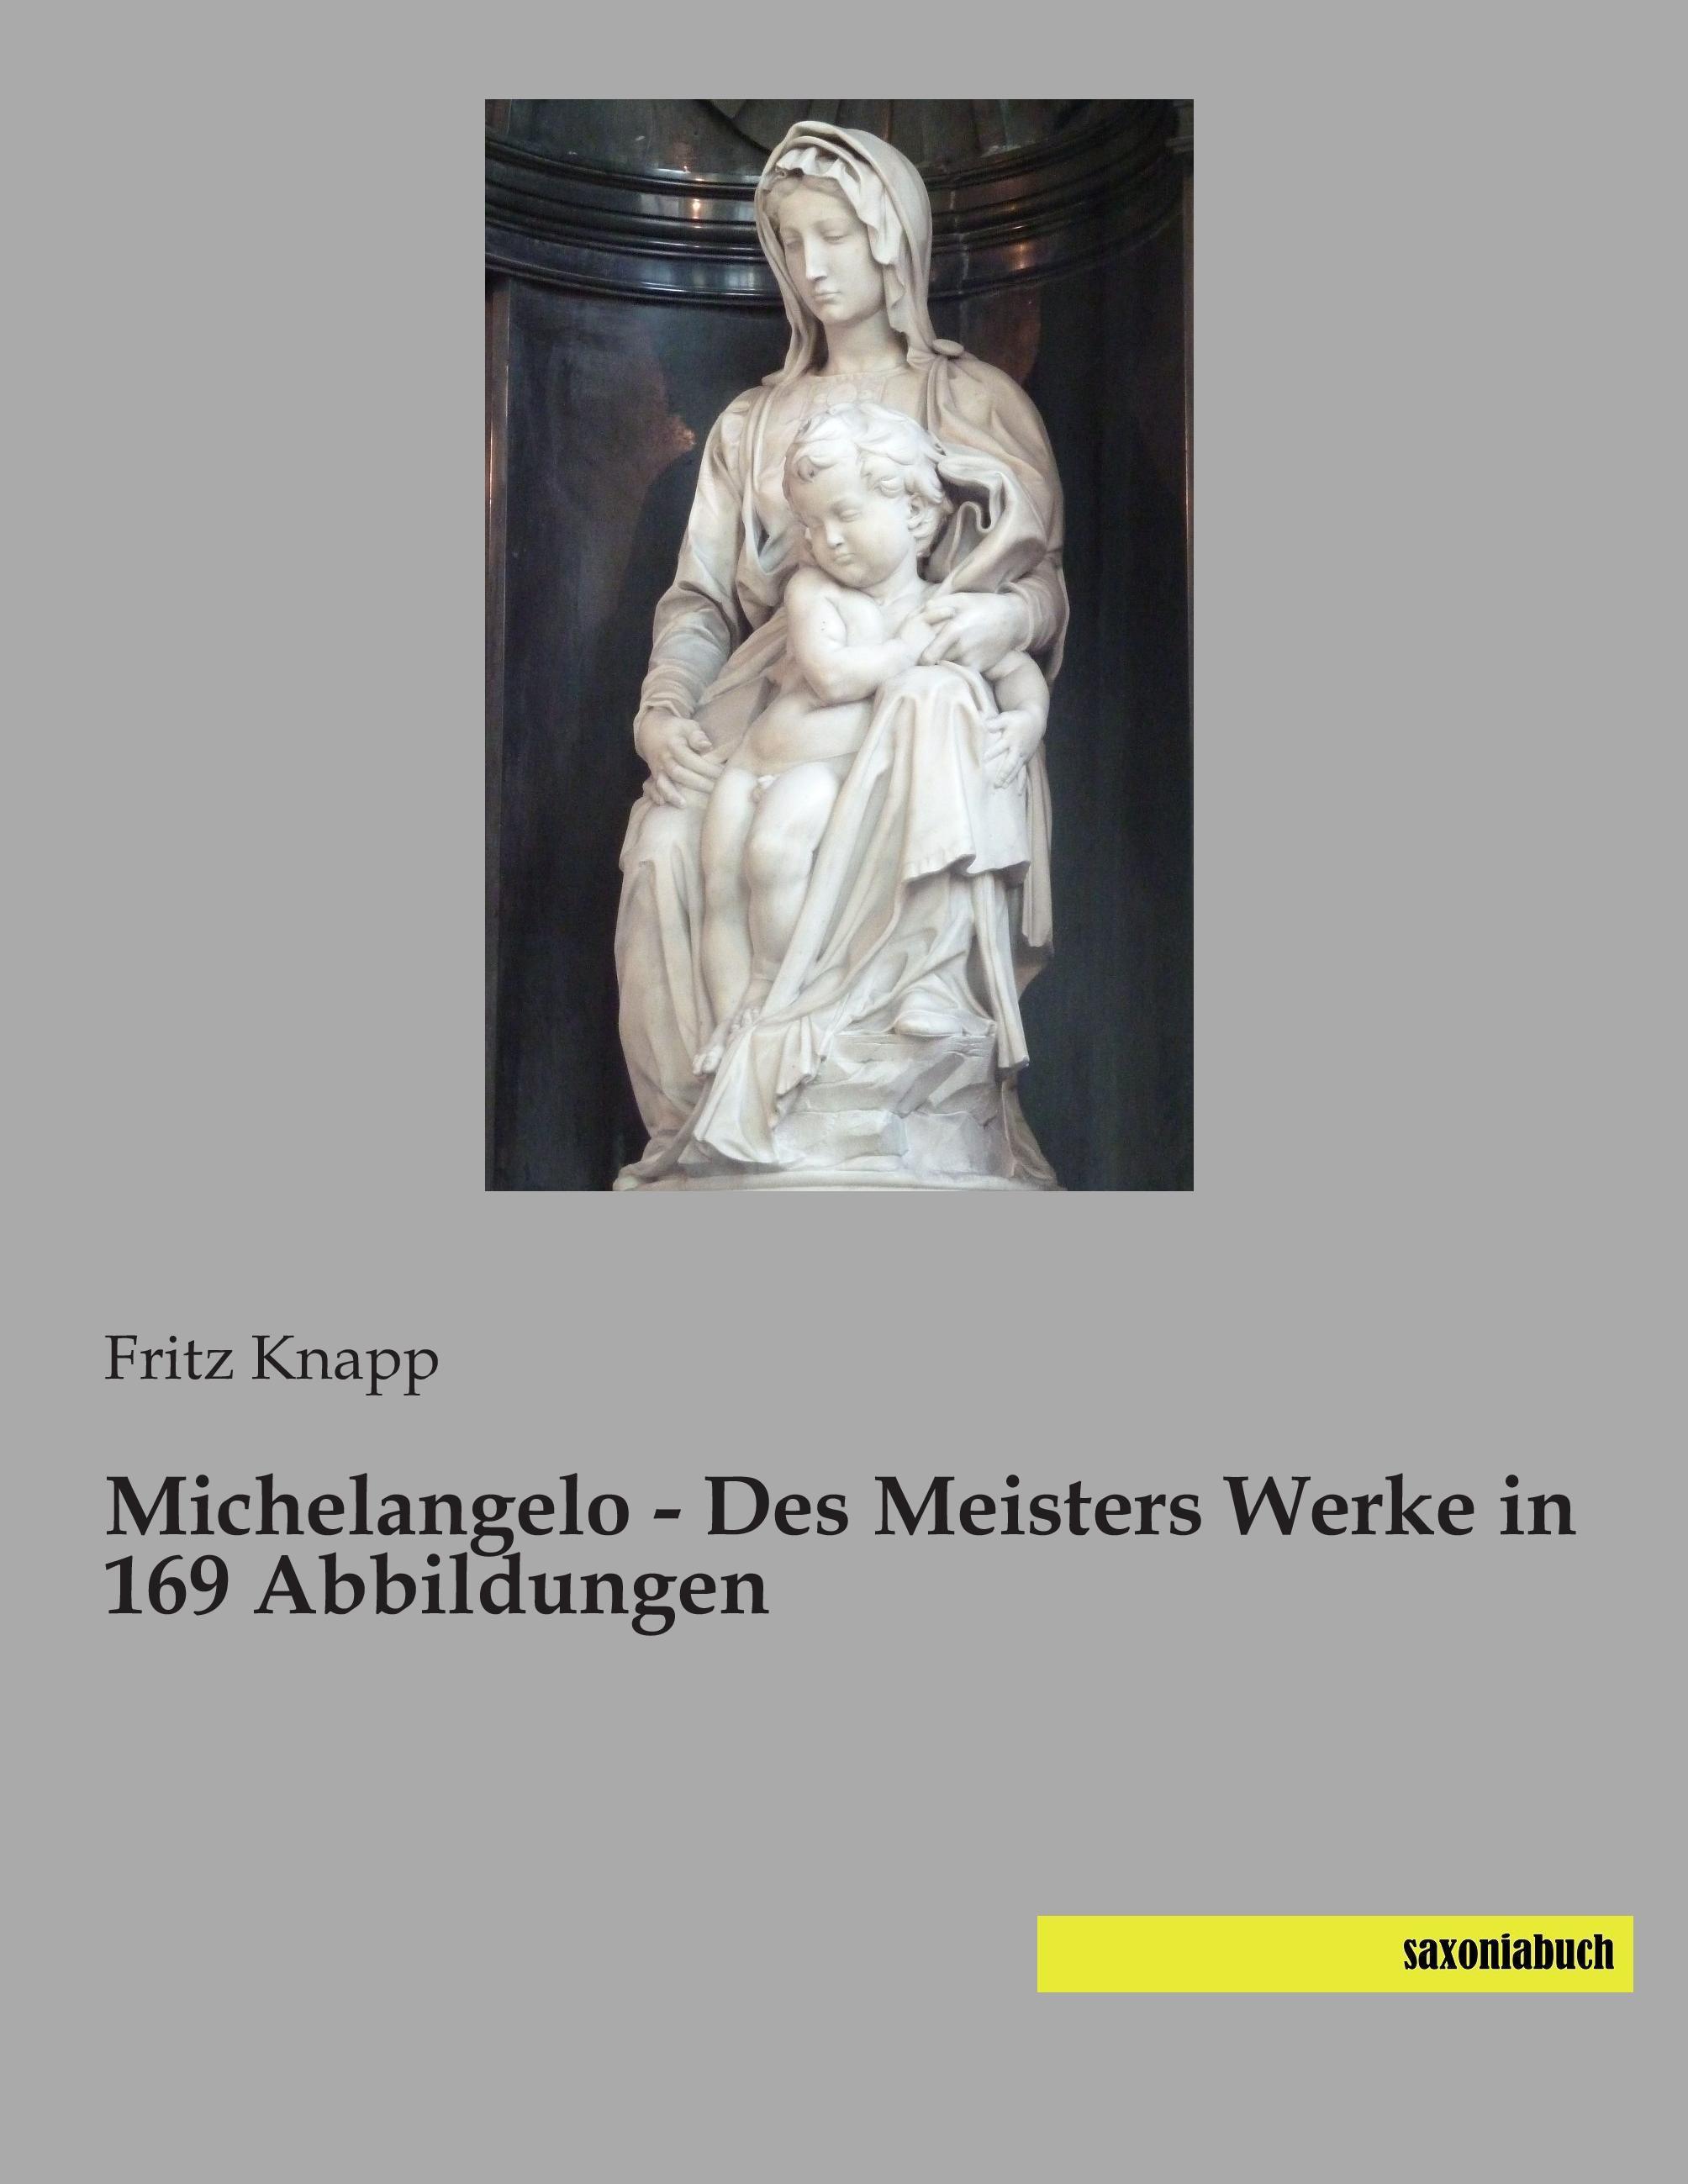 Michelangelo - Des Meisters Werke in 169 Abbildungen Fritz Knapp